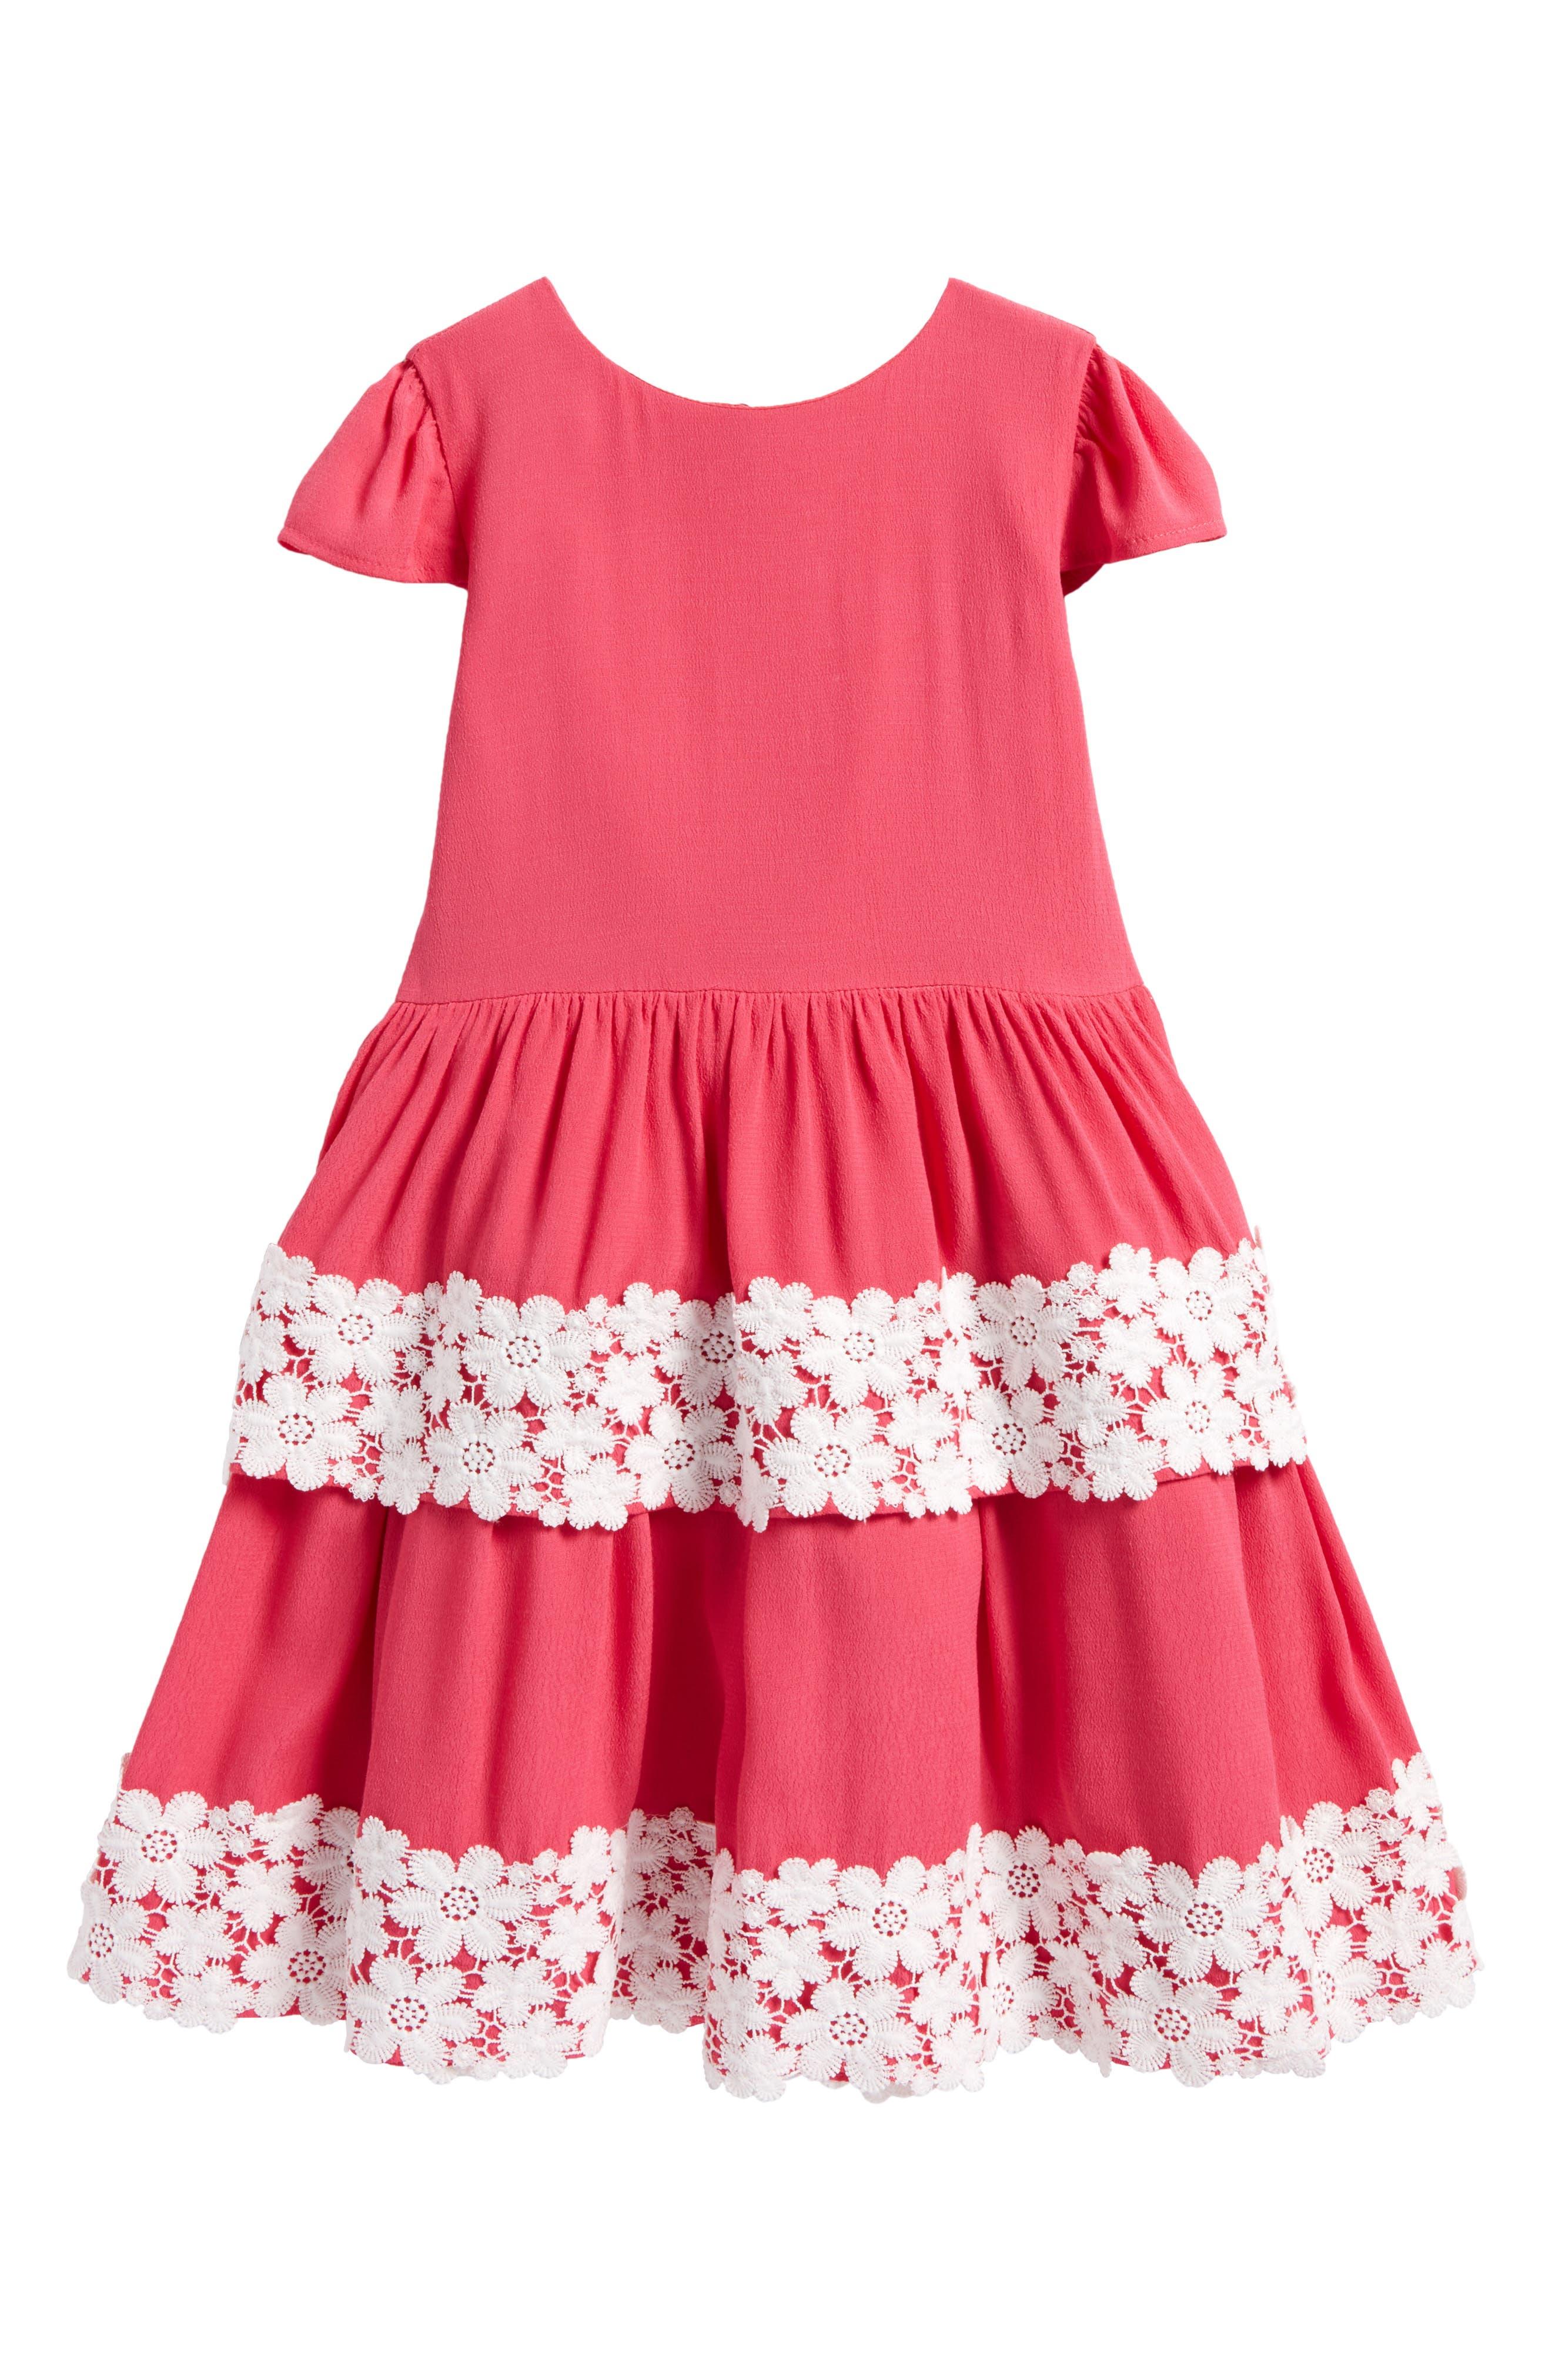 Main Image - Little Angels Tiered Skirt Dress (Toddler Girls & Little Girls)